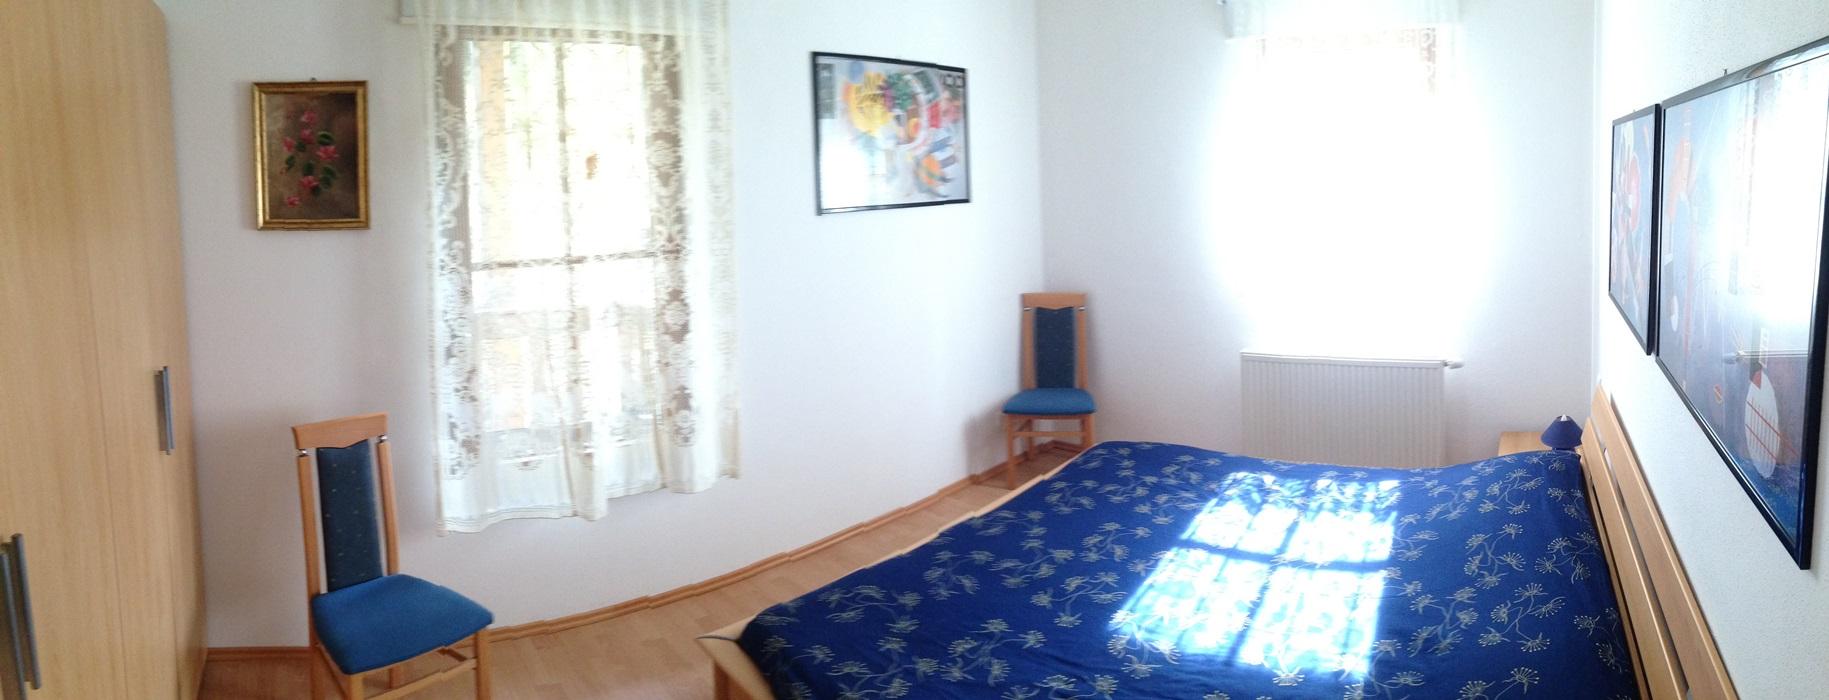 Bad Kleinkirchheim, Apartment (QUA), 53m2, 1 Schlafzimmer, nahe der ...